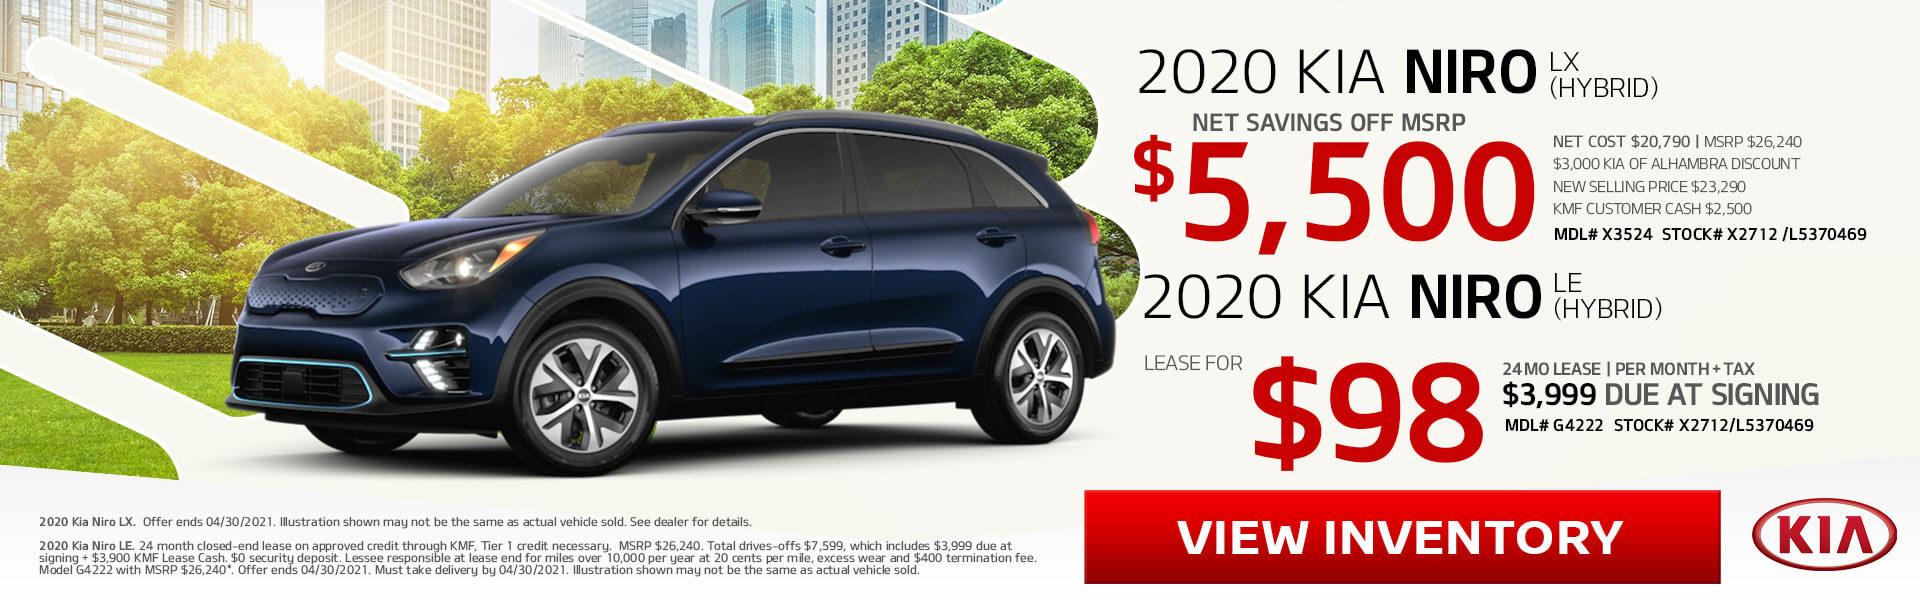 2020 Niro Hybrid on Sale!